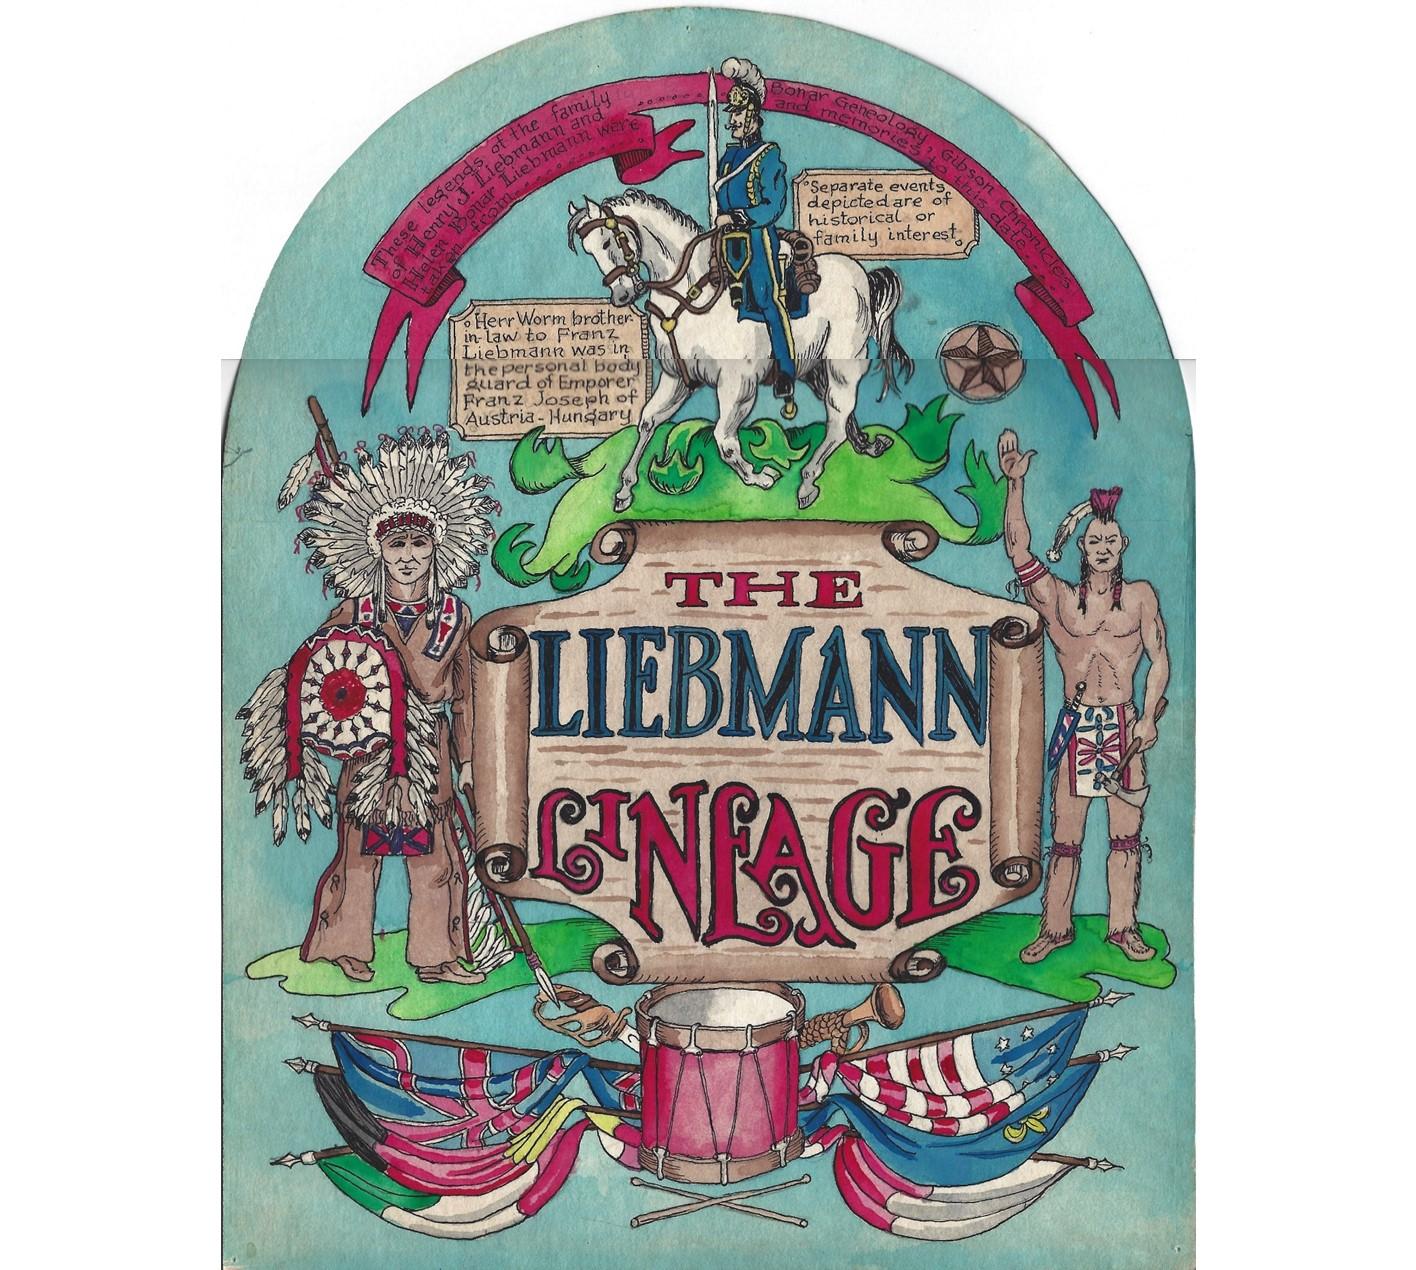 Liebmann Lineage pic